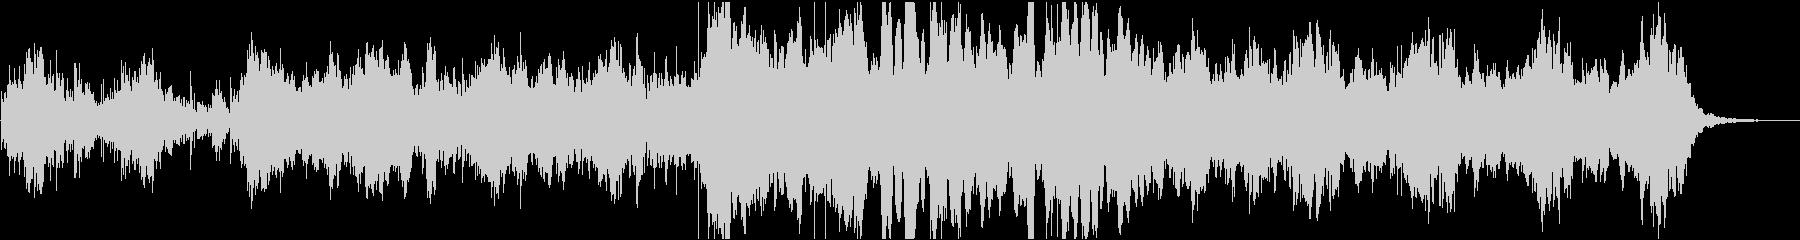 解説 説明 16bit48kHzVerの未再生の波形